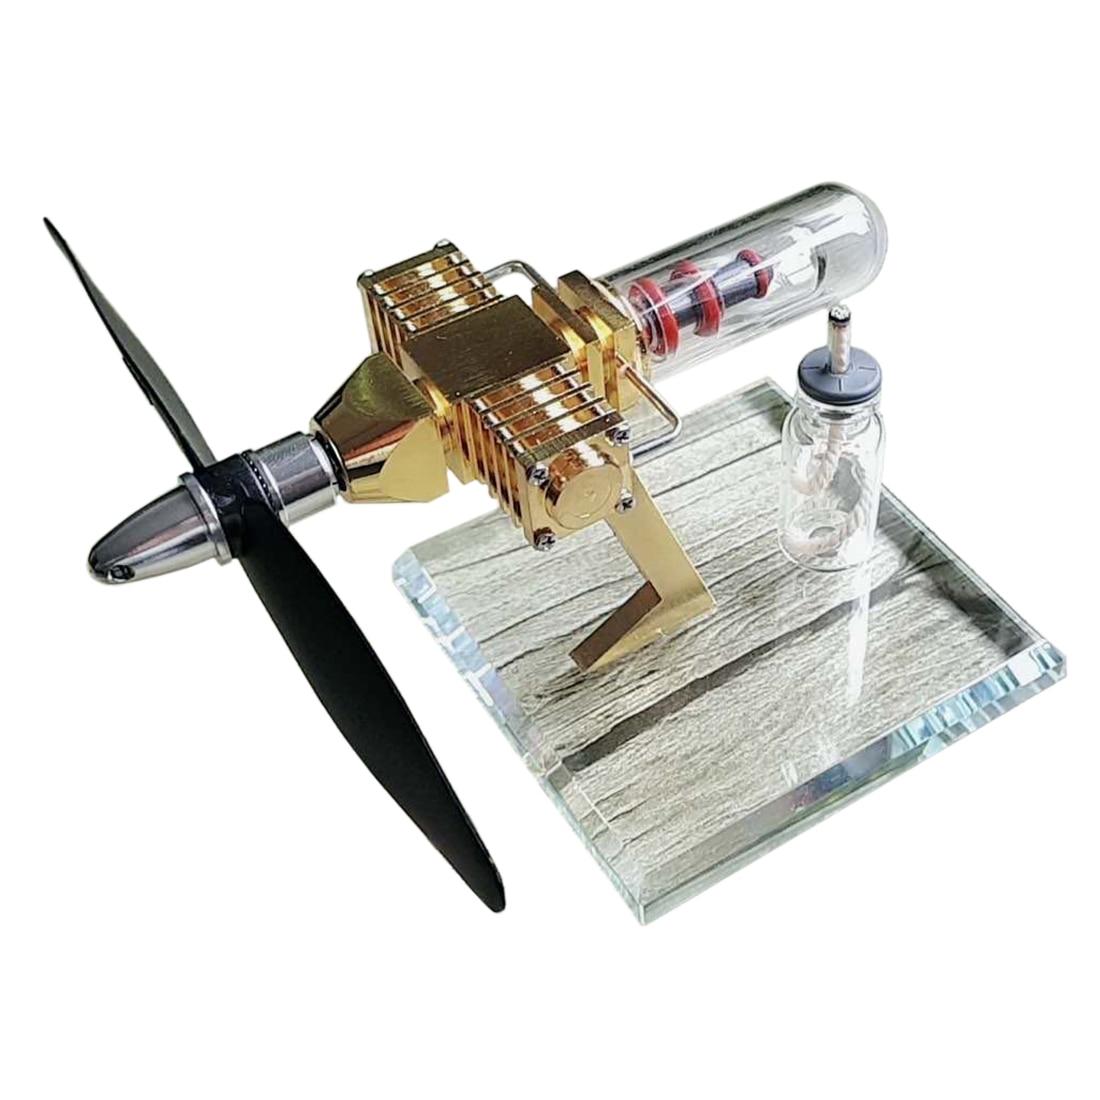 Hélice avion tête forme Stirling poche moteur modèle jouet pour développer l'intelligence éducation bricolage modèle jouet cadeau pour les enfants